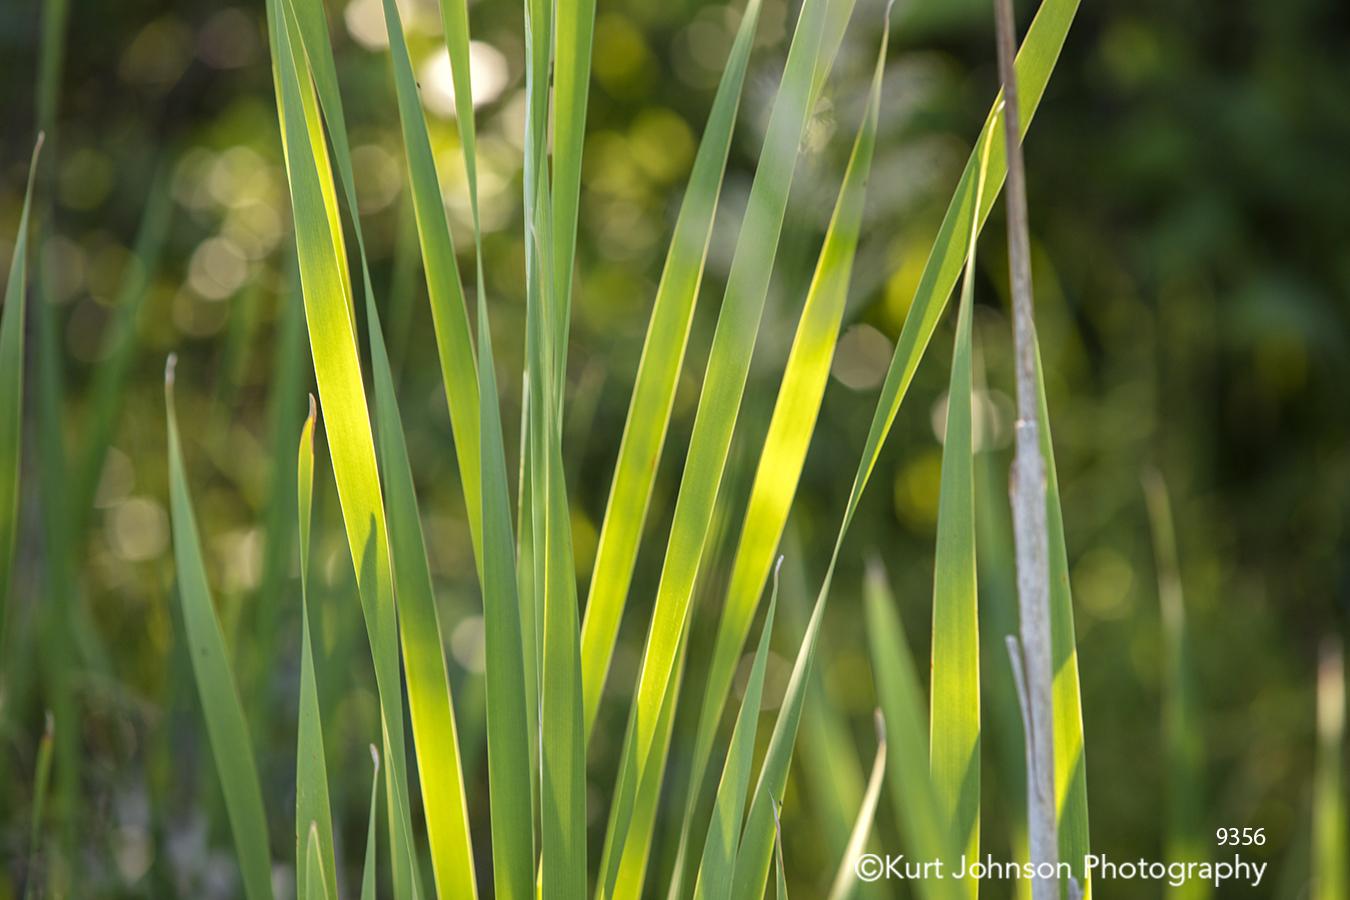 green grass grasses yellow field detail close up